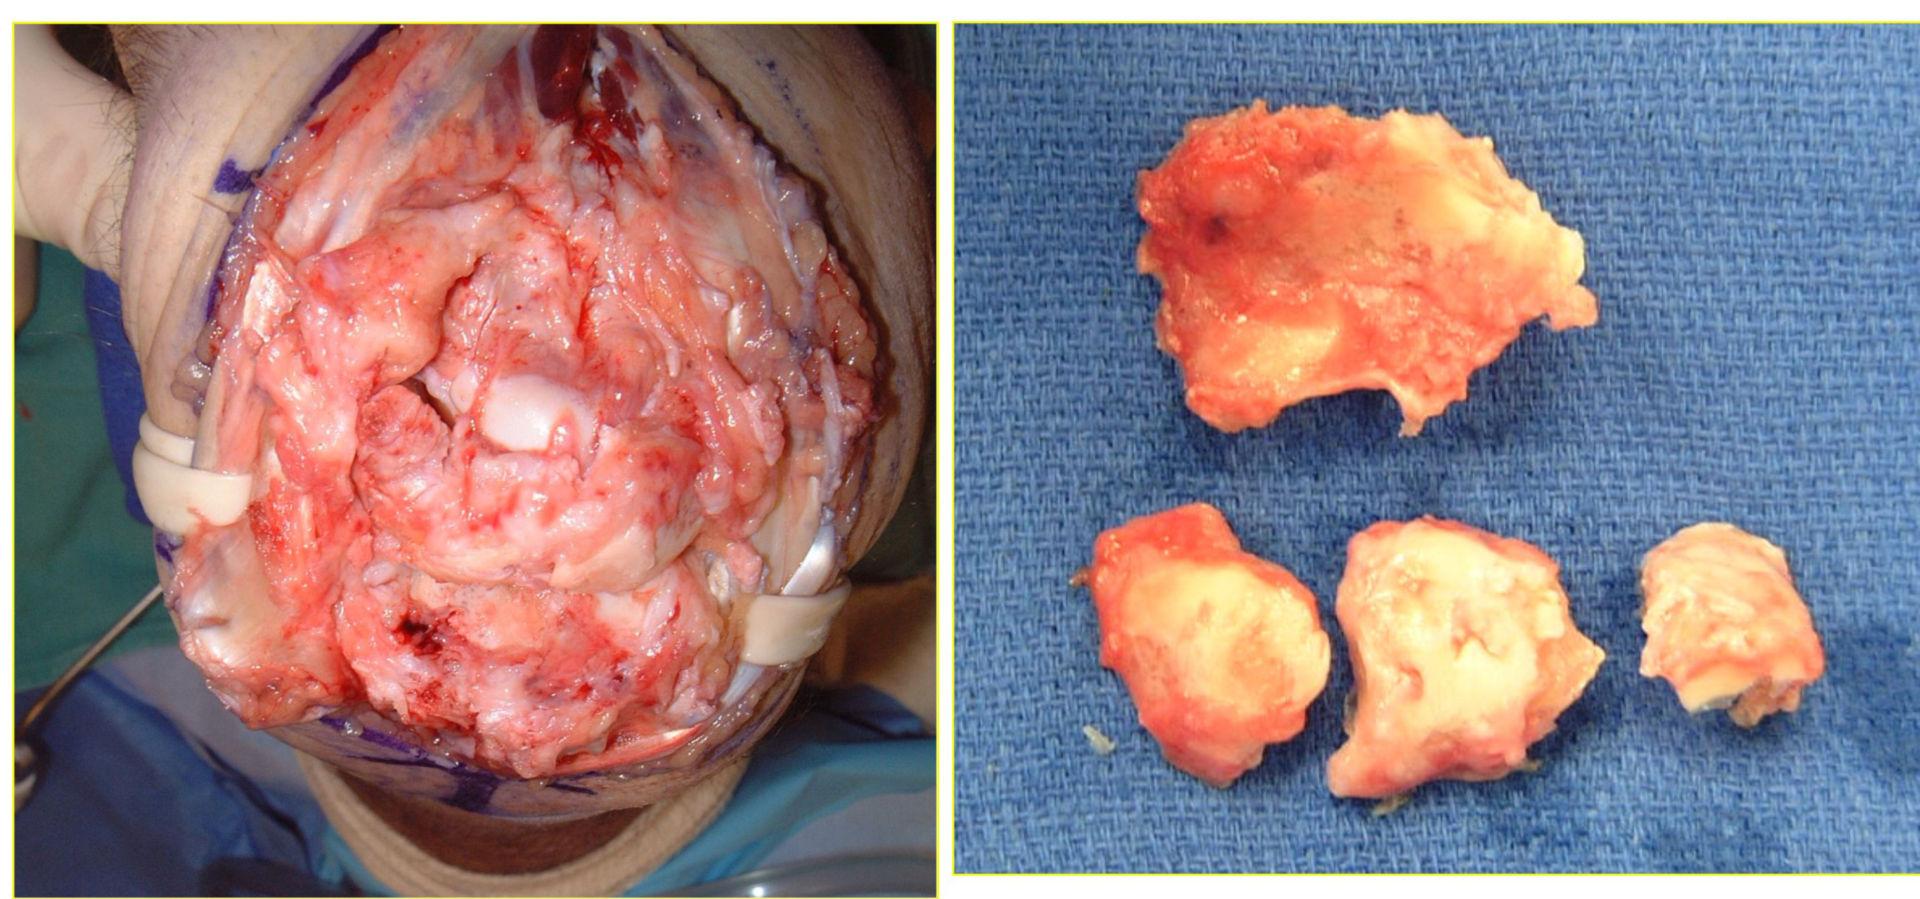 Artrite post-traumatica del polso